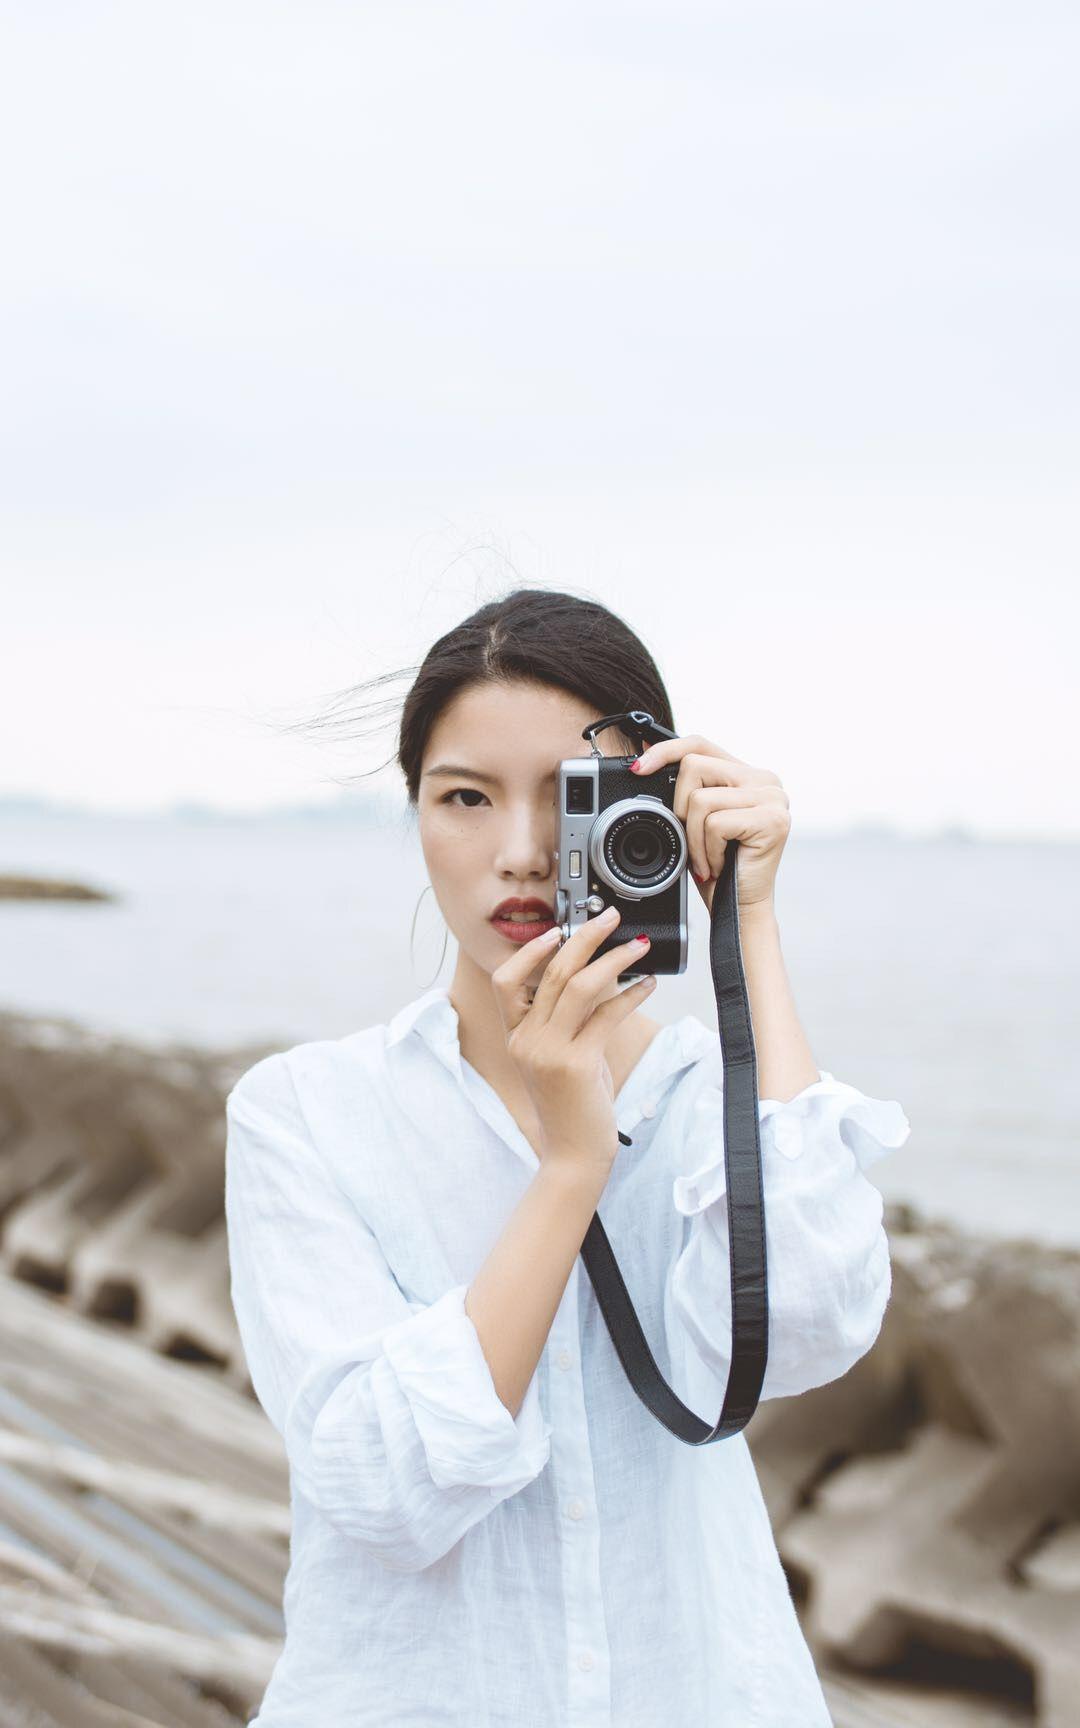 2019-03-14 環球港 毛衣白裙 小清新_攝影師RAMBO的返片